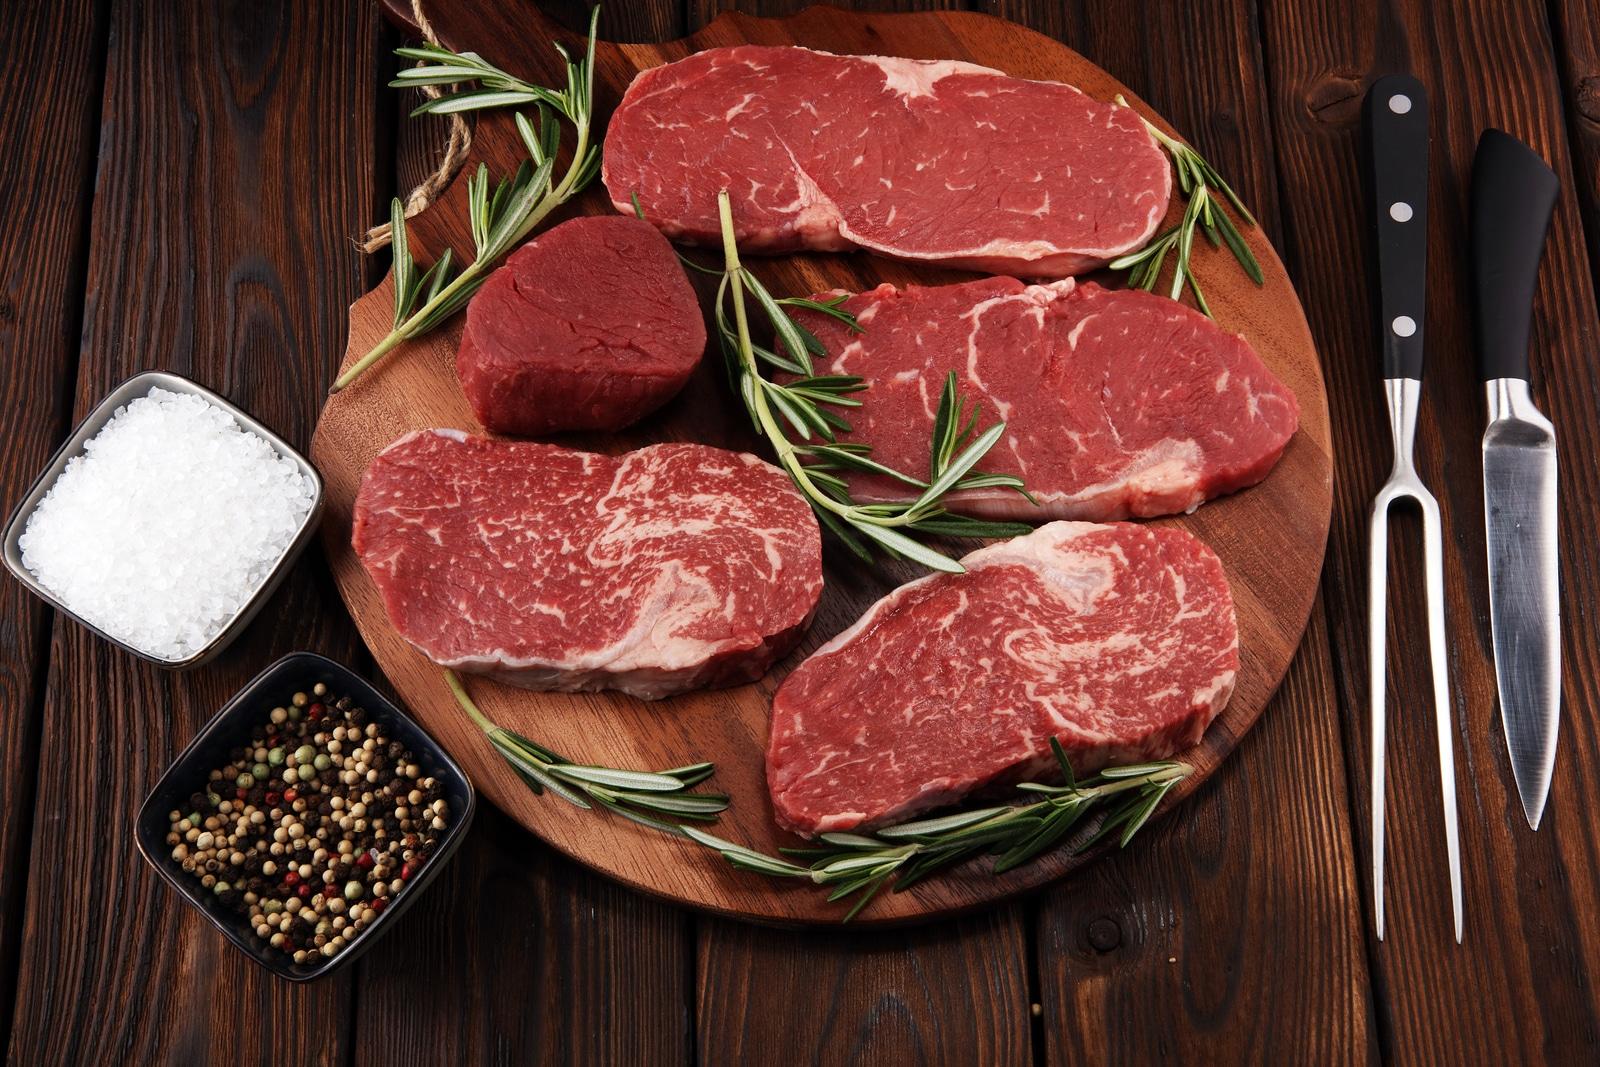 cum să elimini grăsimea din carne de vită măcinată